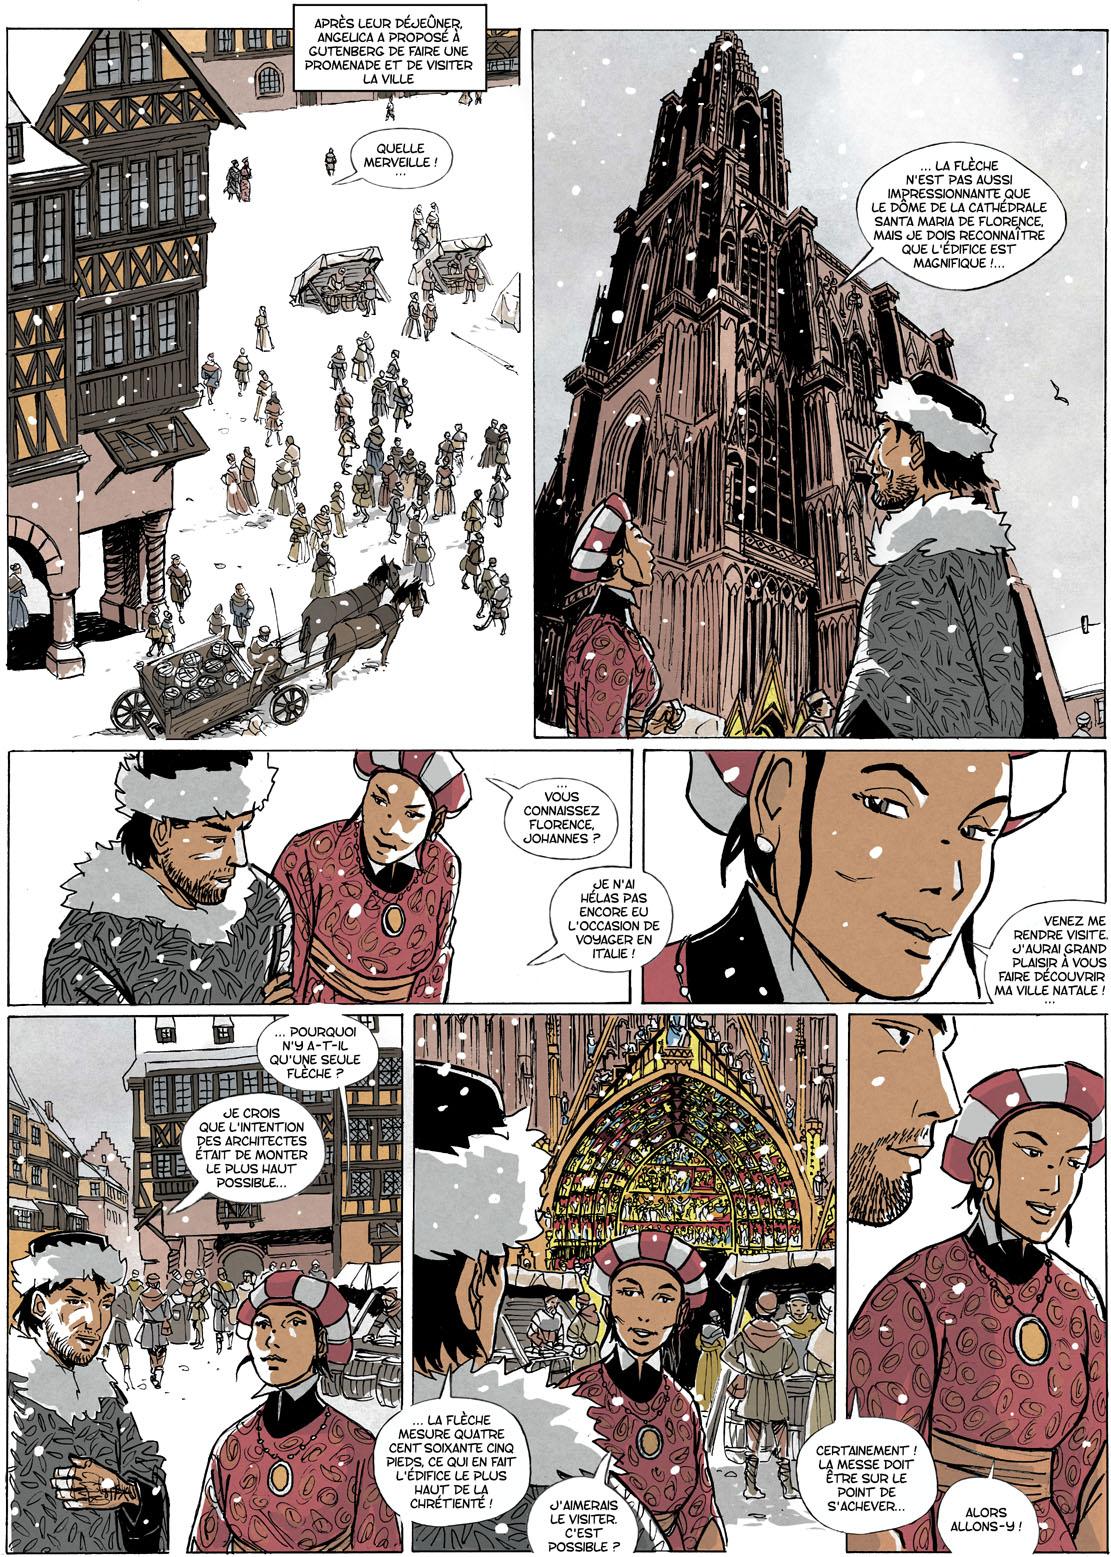 Gutenberg et le secret de la Sibylle, planche de l'album © Éditions du Signe / Wagner / Seiter